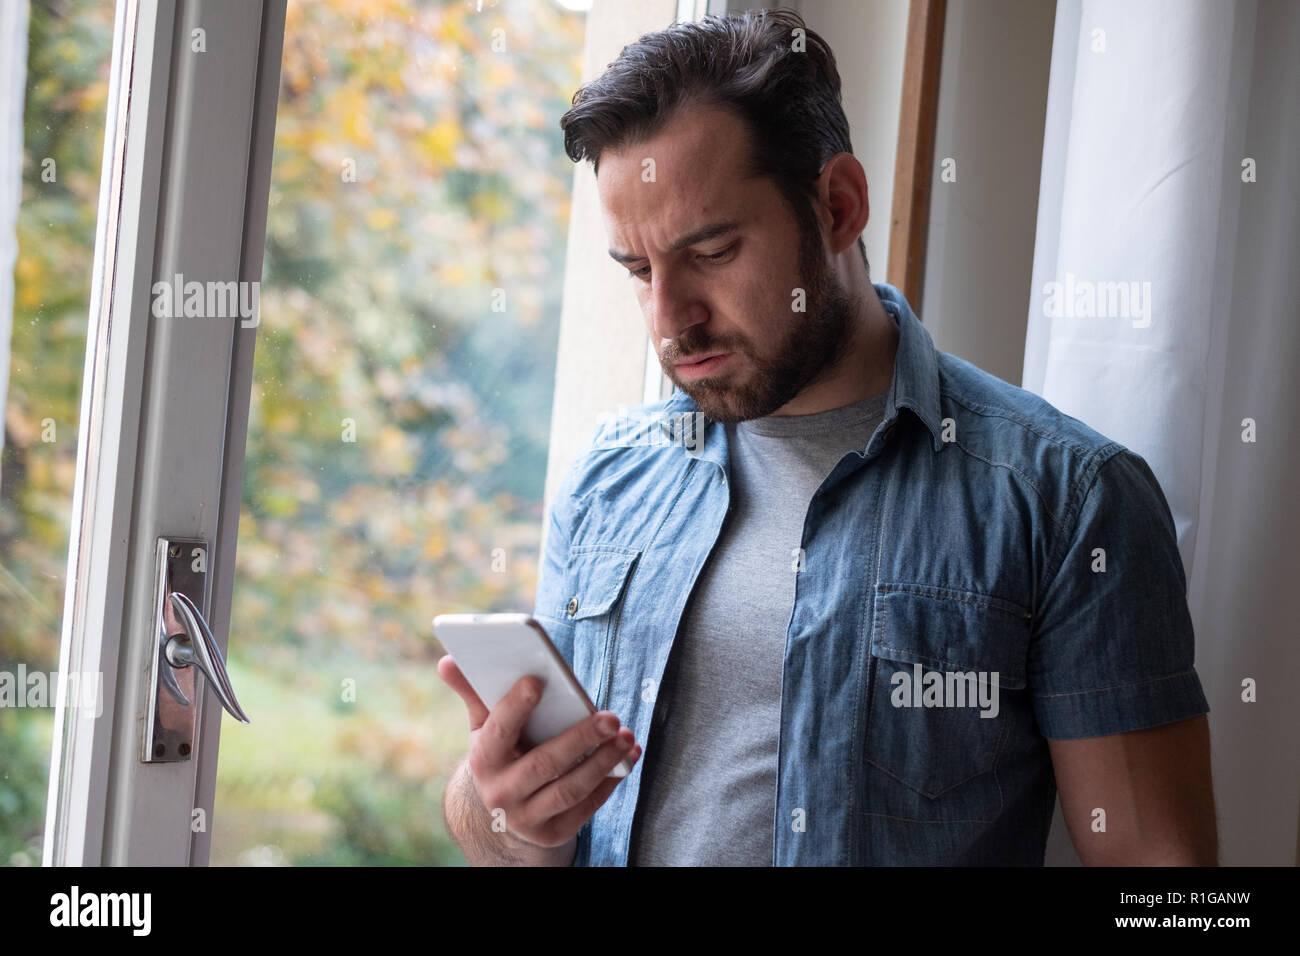 L'homme inquiet regardant smartphone et message d'attente Photo Stock